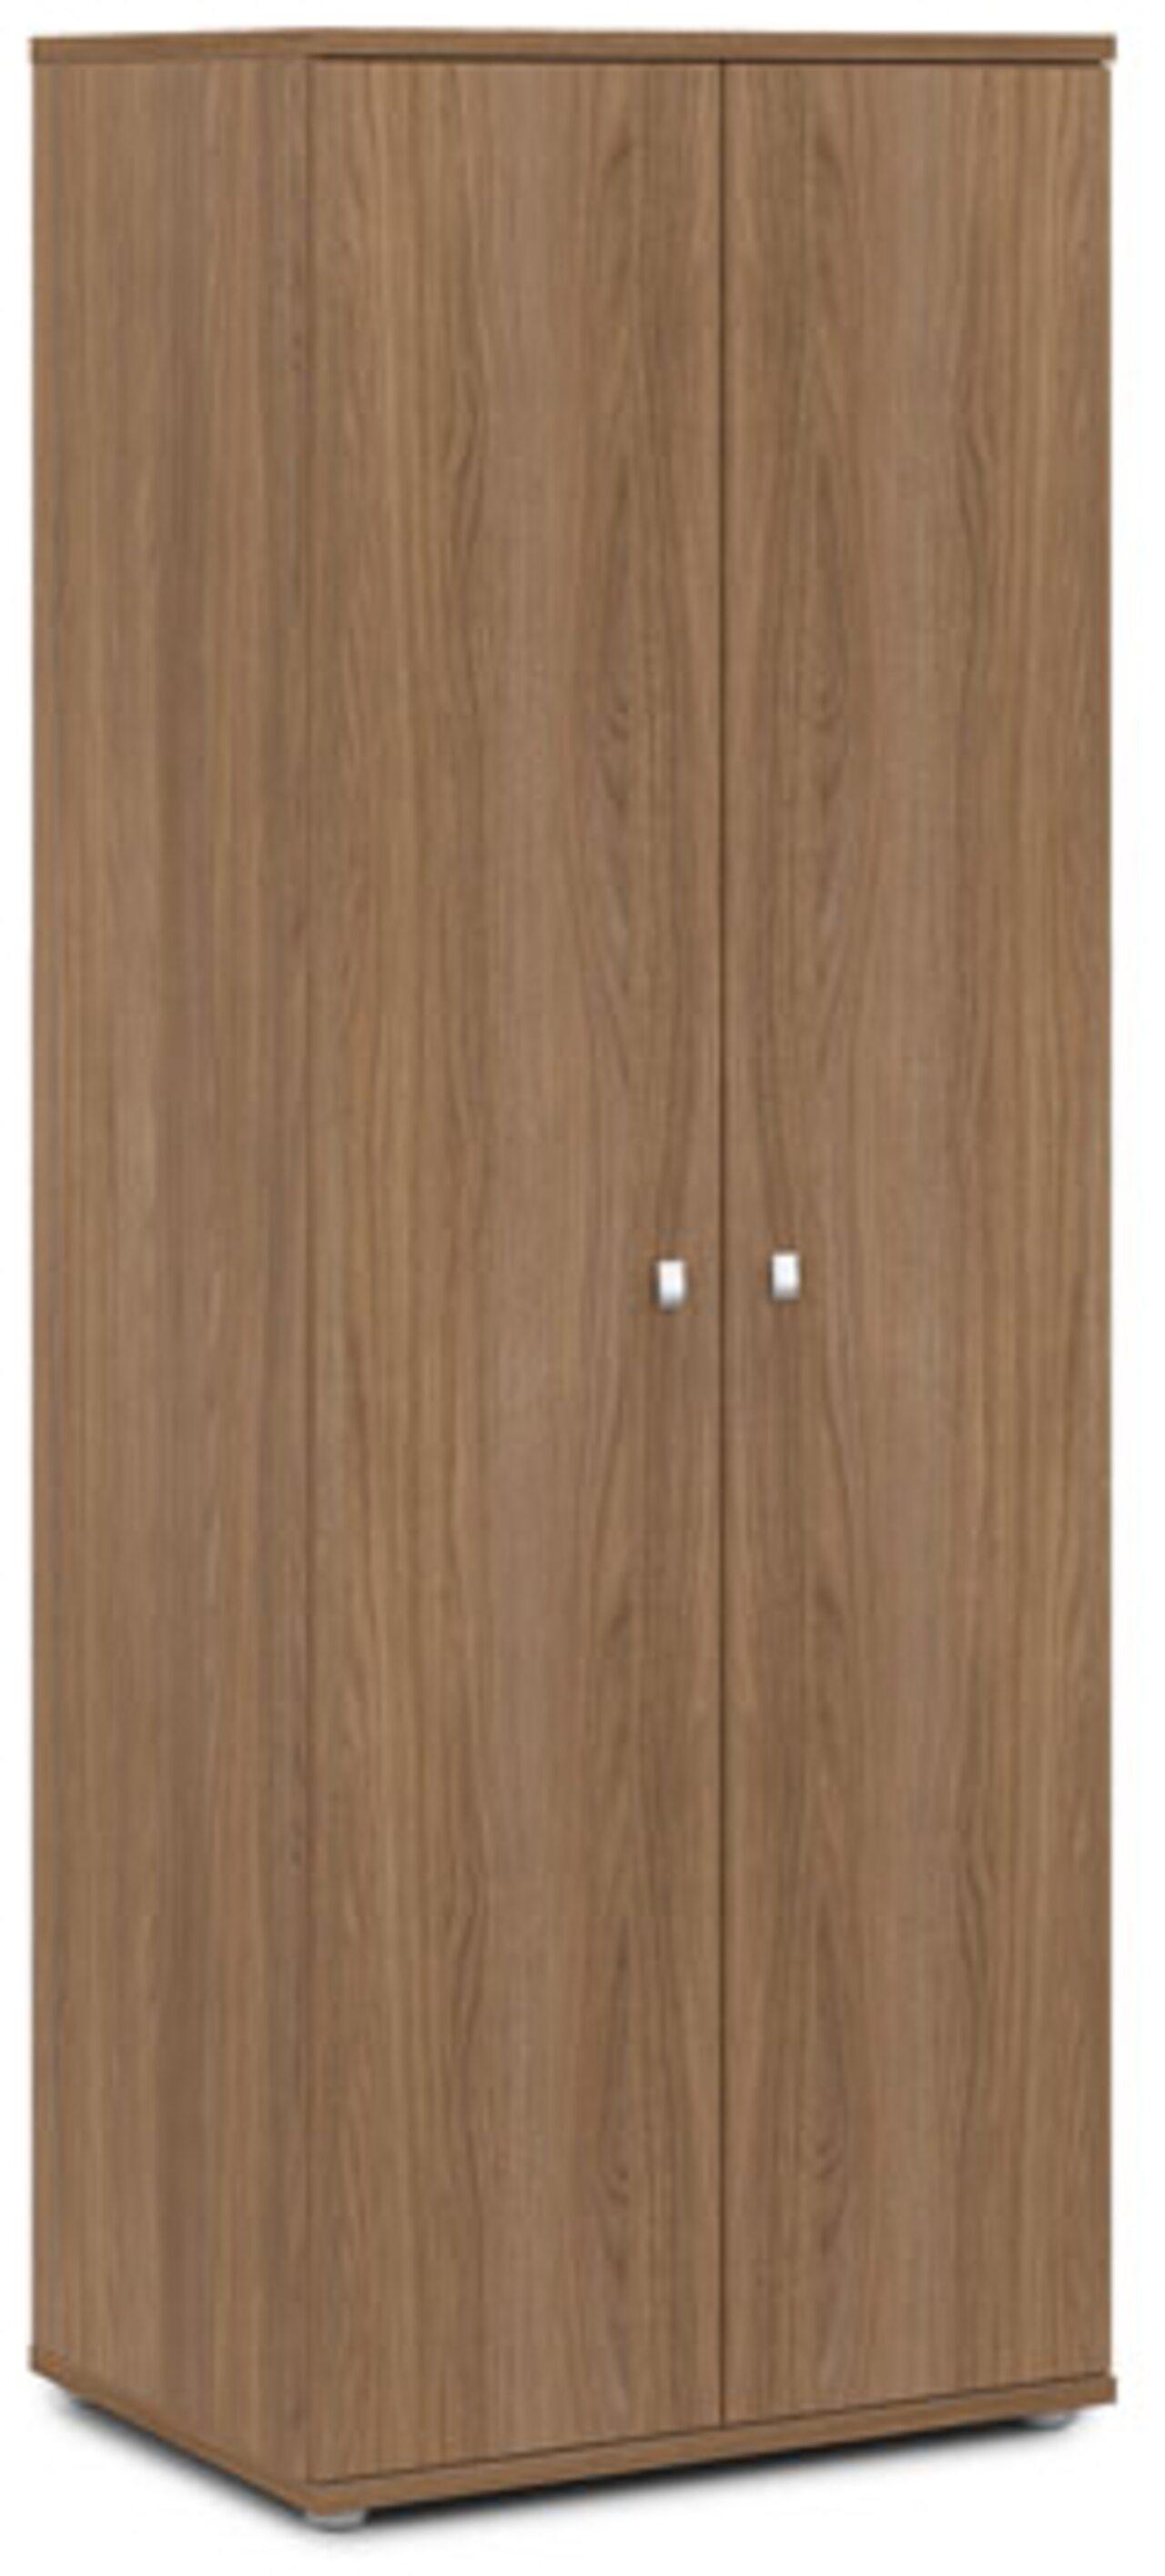 Шкаф для одежды  Vasanta 82x59x220 - фото 5